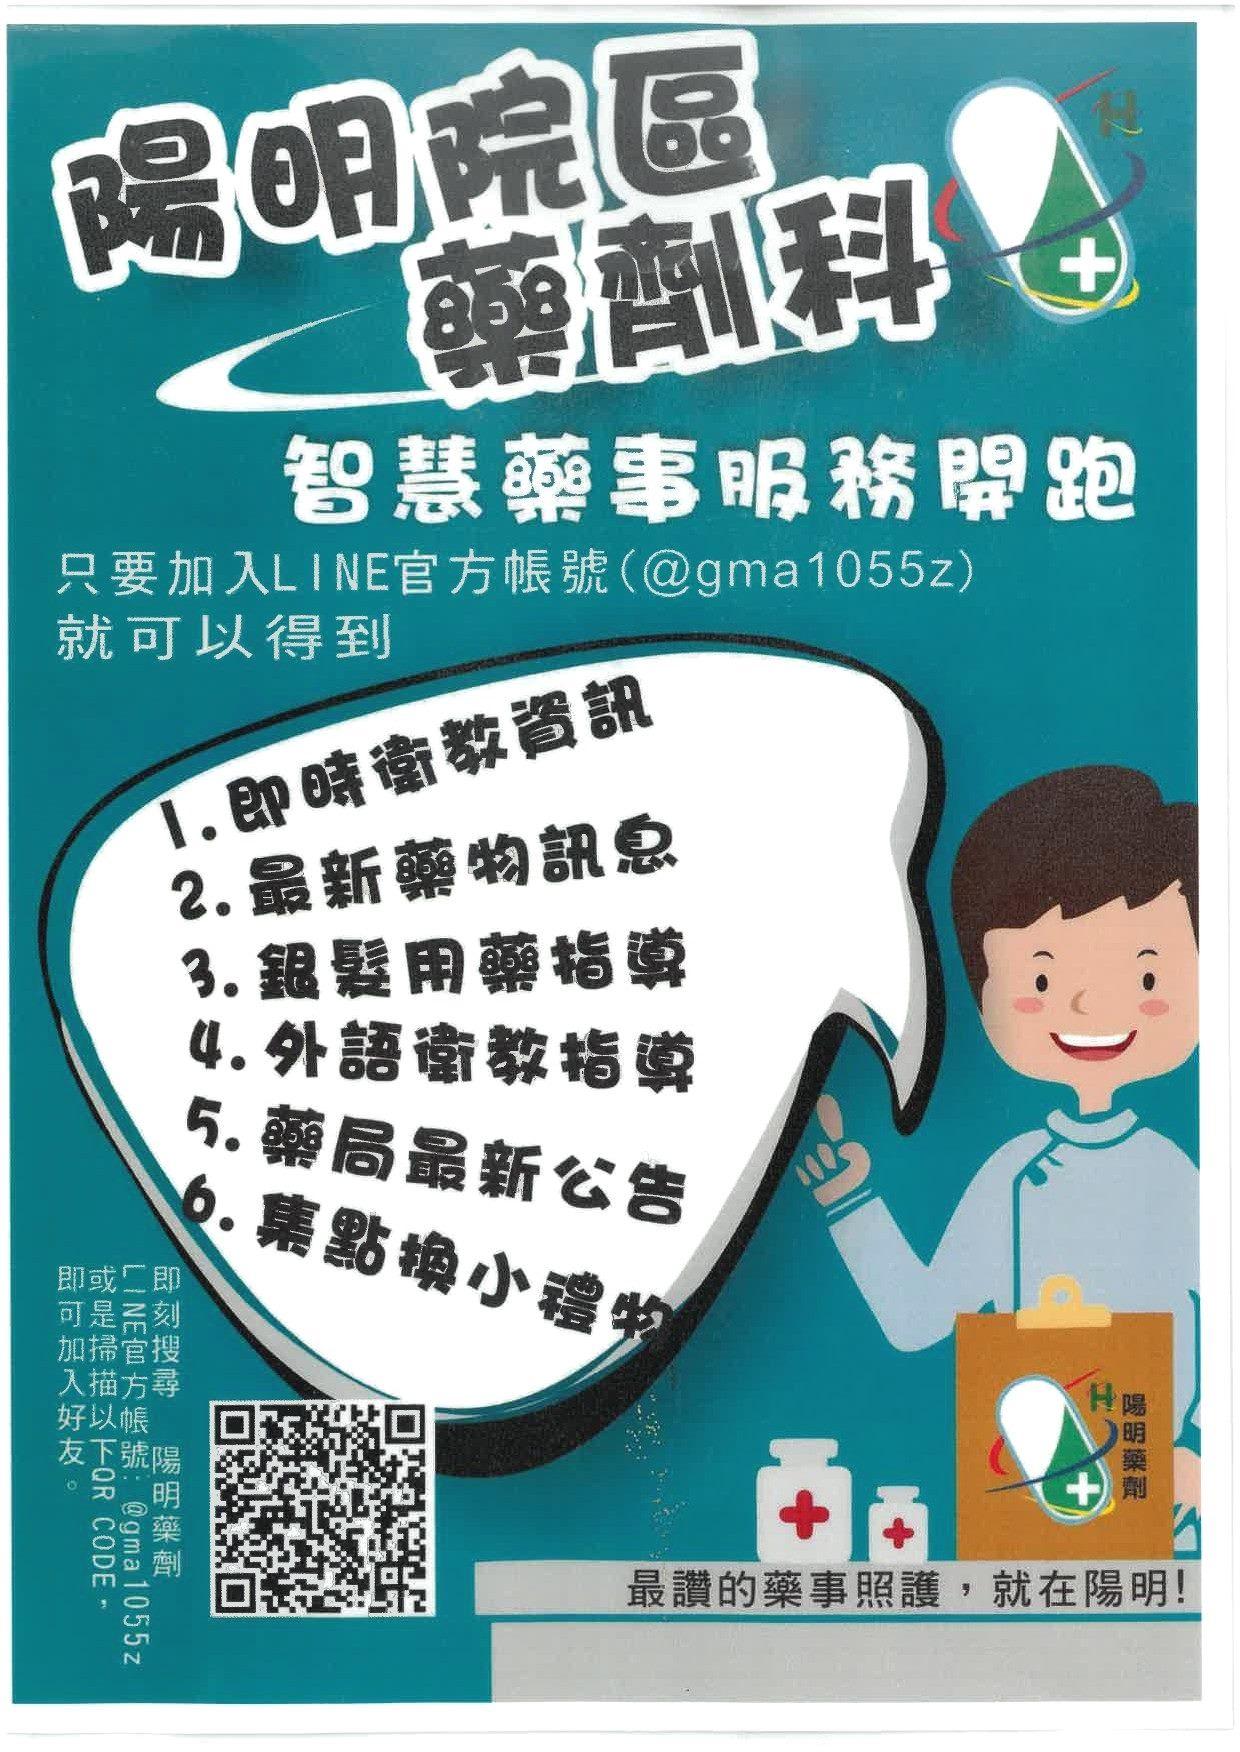 藥劑科LINE帳號宣傳圖&QR CODE